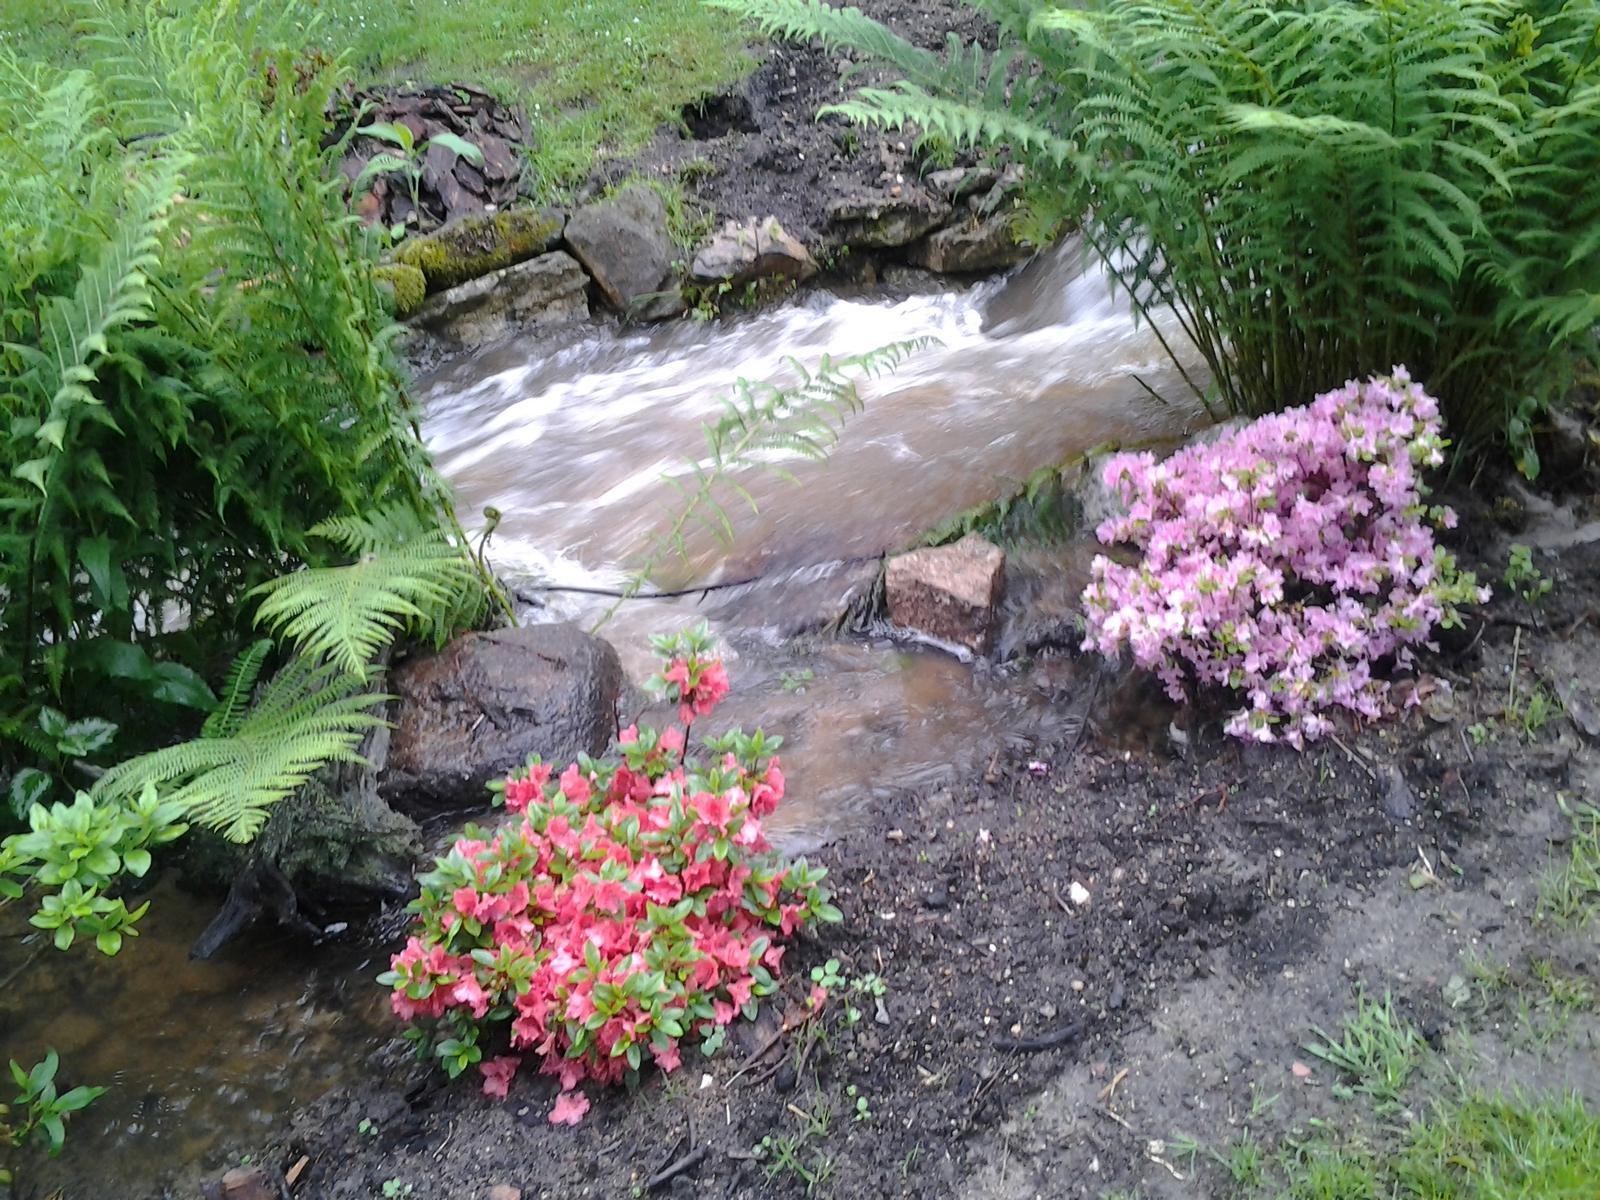 Jihočeská venkovská zahrada. - Potok někdy zlobí,ale azalky se nedaly.